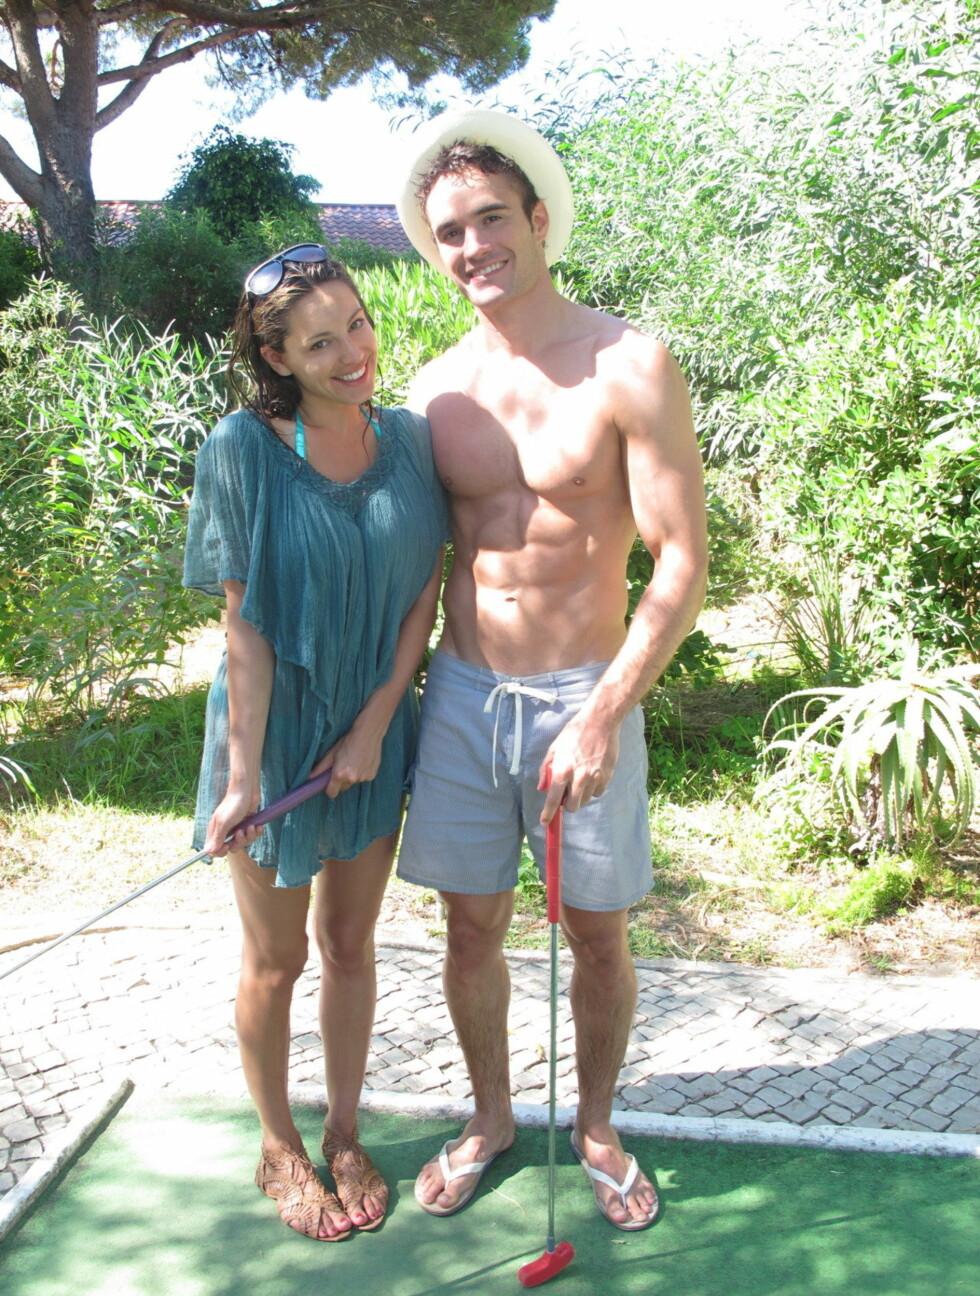 <strong>PÅ KJÆRLIGHETSTUR:</strong> Kelly har også lagt ut bilder av seg selv på romantisk ferie med sin kjæreste Thom Evans.                                Foto: Kelly Brook/Tumblr